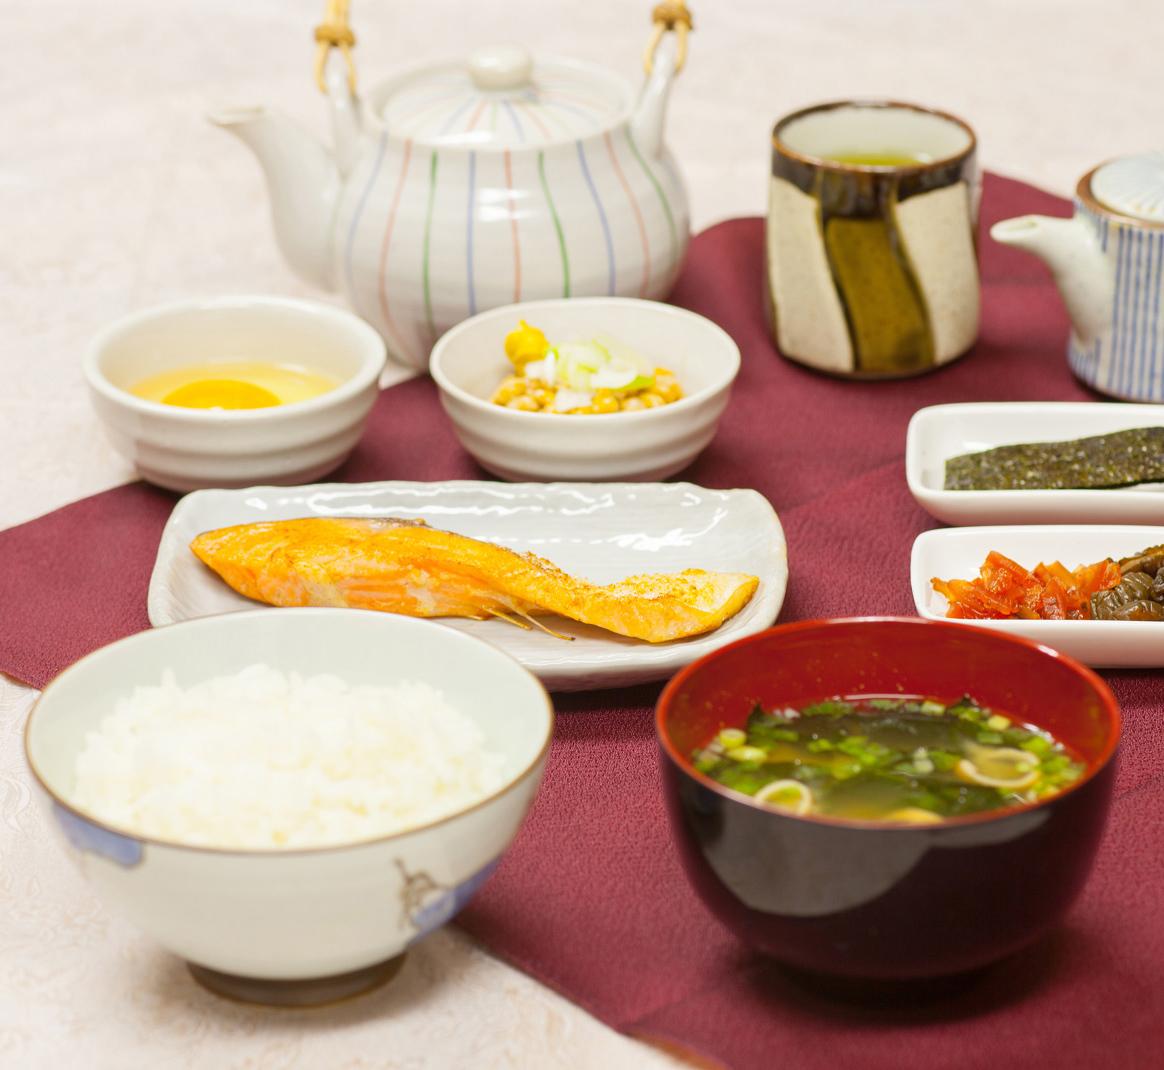 広々ルーム【朝食付きプラン】早い出発でもしっかり朝ごはん!